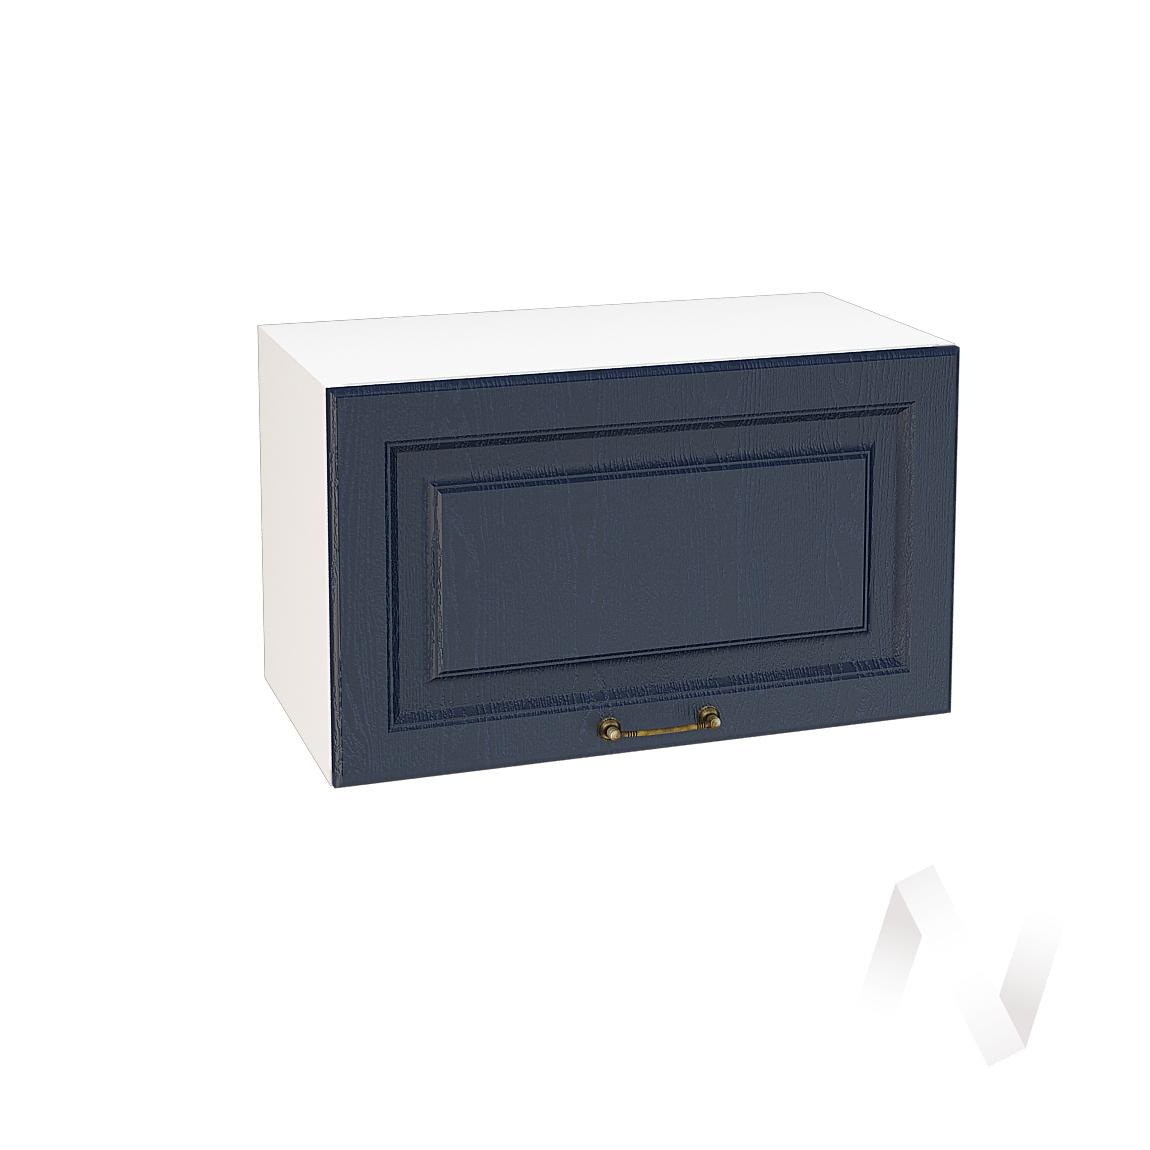 """Кухня """"Ницца"""": Шкаф верхний горизонтальный 600, ШВГ 600 (Дуб чернильный/корпус белый)"""